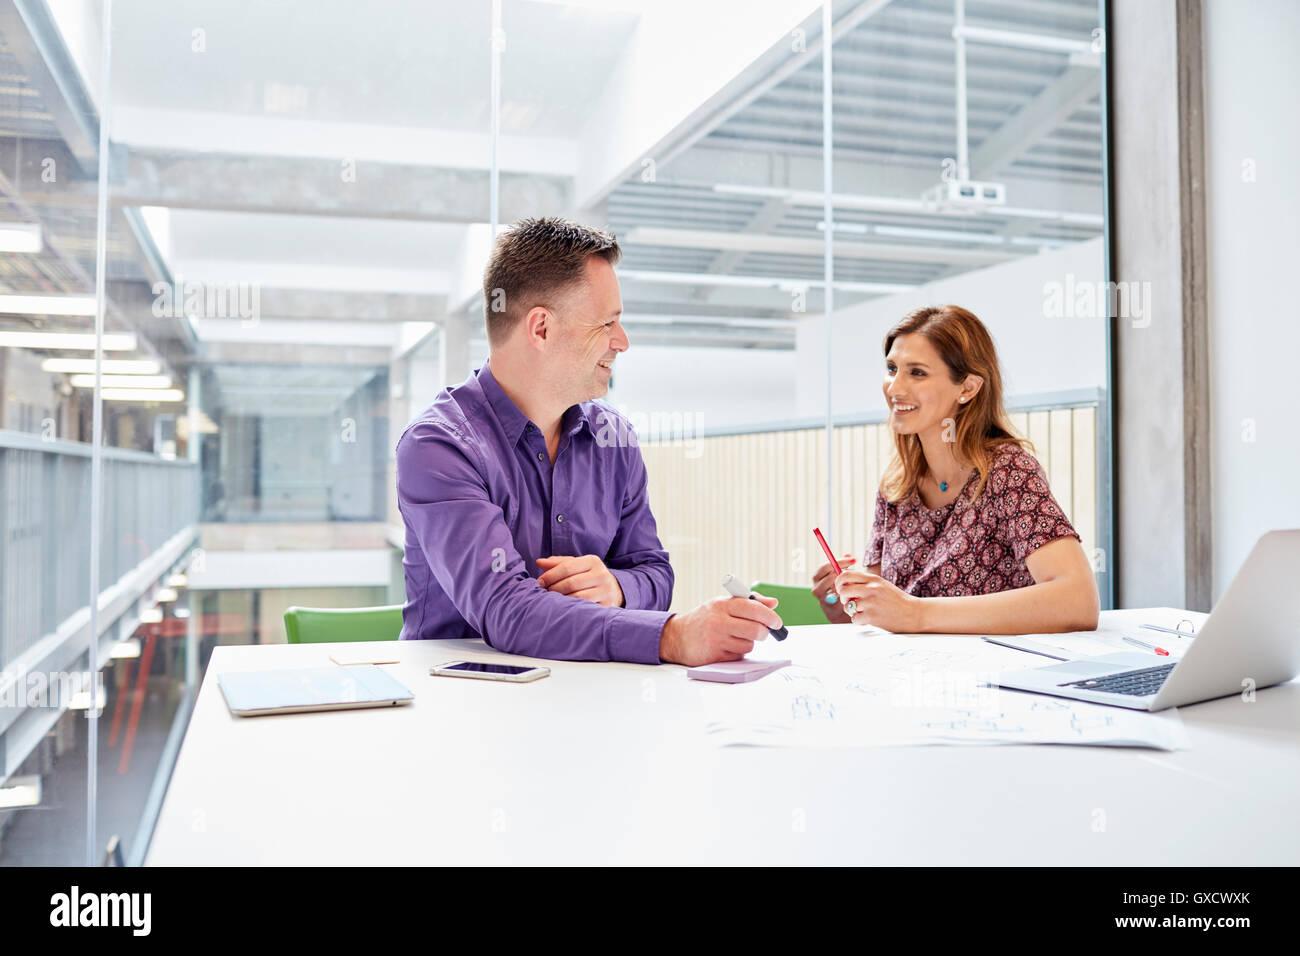 Reunión de diseñadores masculinos y femeninos en design studio Imagen De Stock